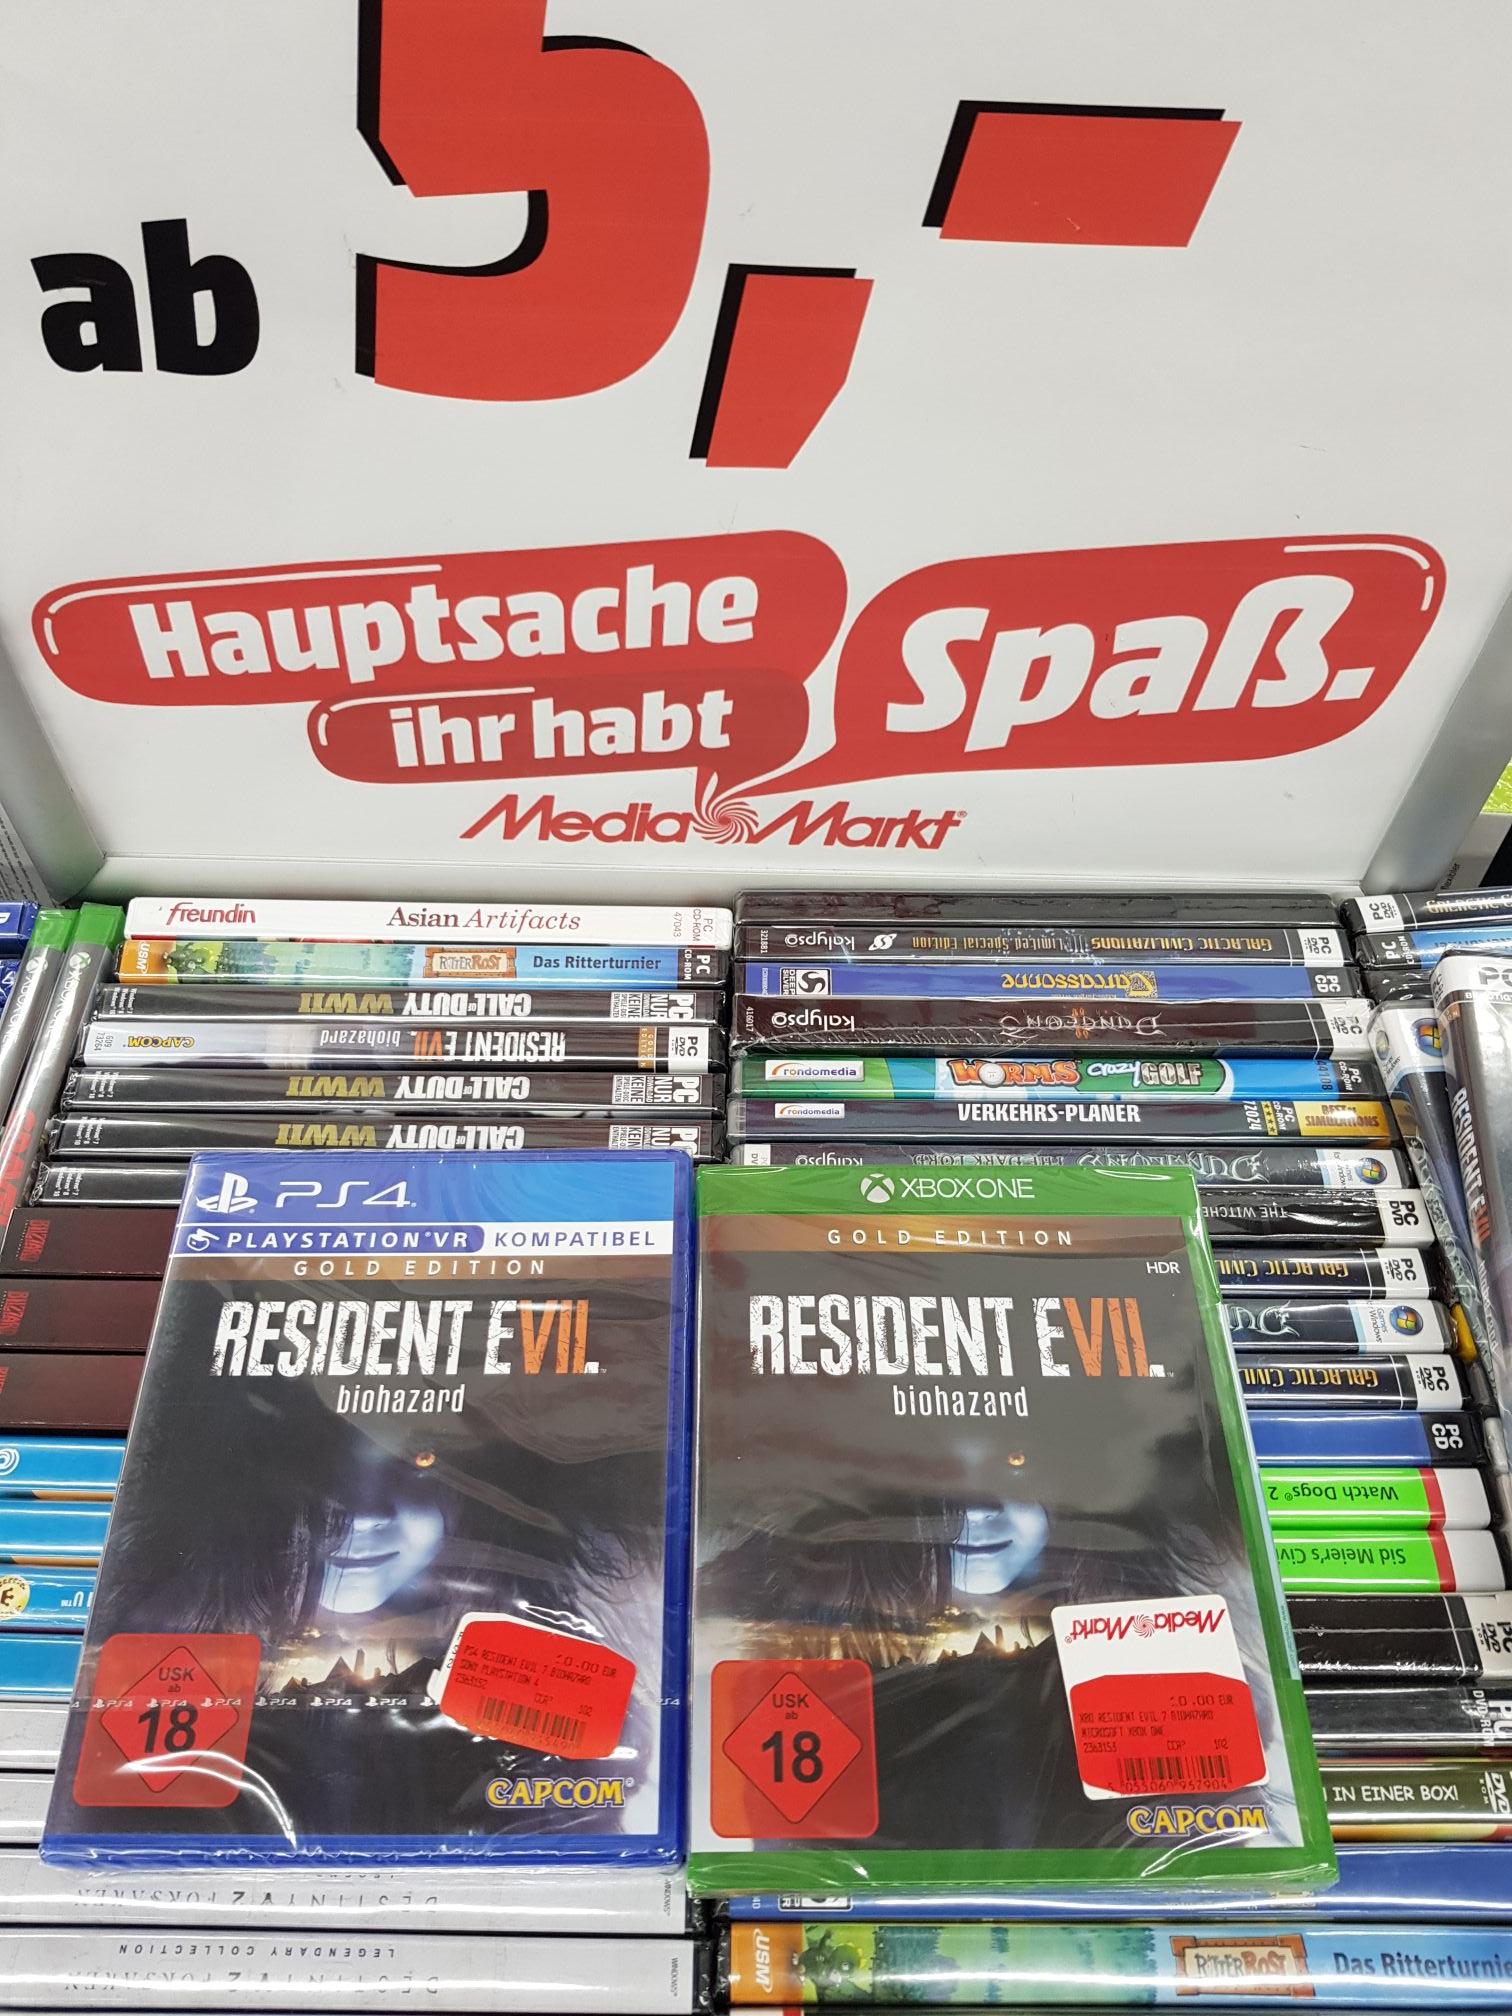 (Lokal) PS4/Xbox-Games für 10 € (mit Club Card 8,50 €) u.a. Resident Evil 7 Gold Edition, Dragonball Fighterz uvm. @ Mediamarkt Pforzheim